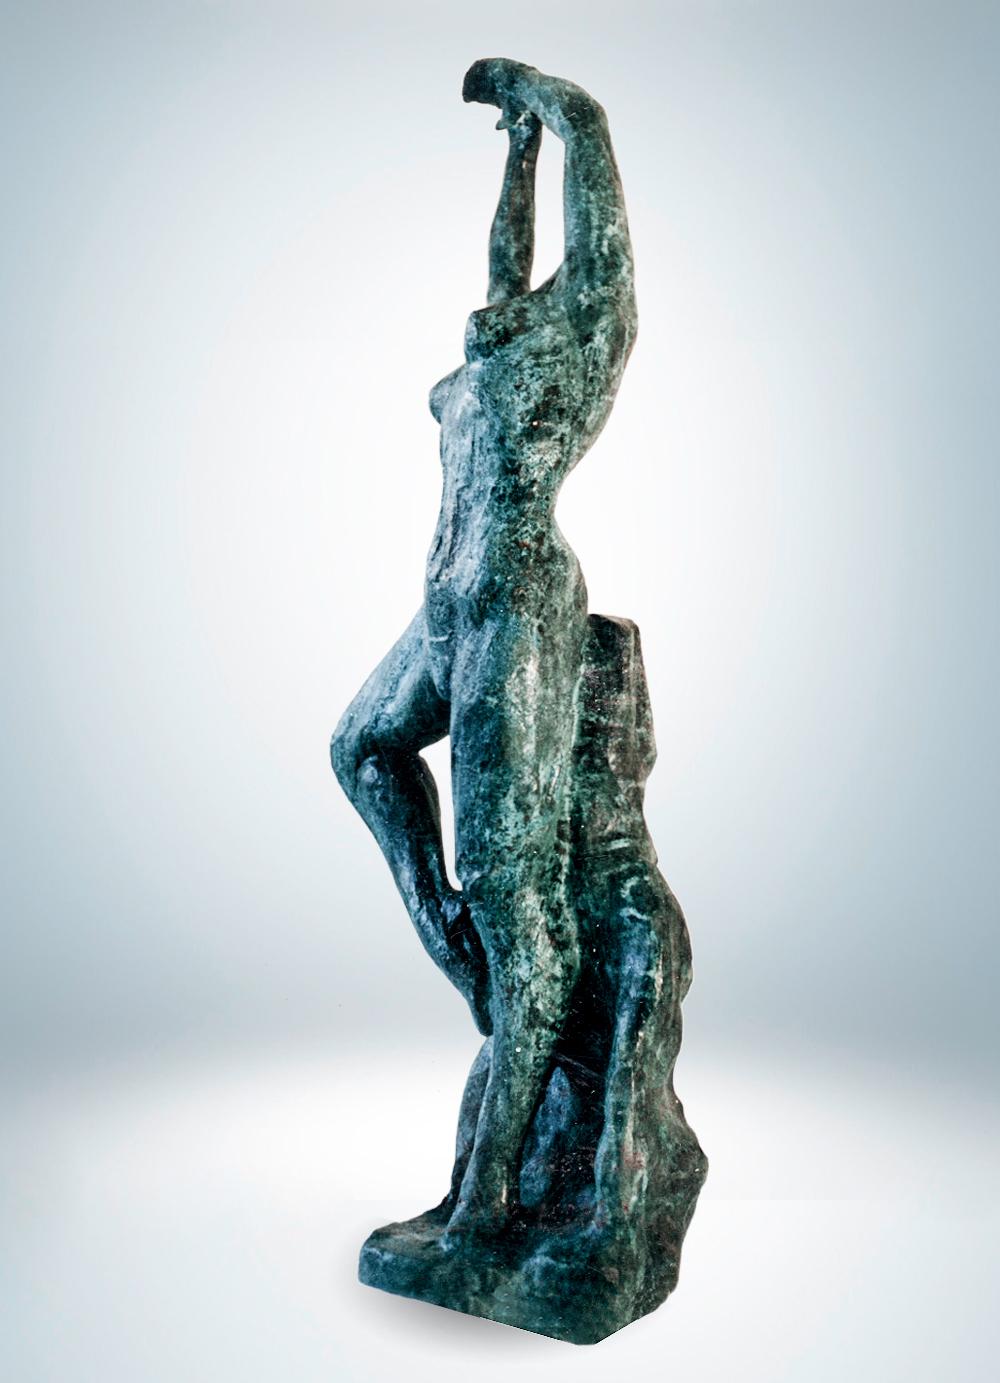 Escultura-Bailarina-Bronce-B-Figurativo-Abstracto-RD.Escultor